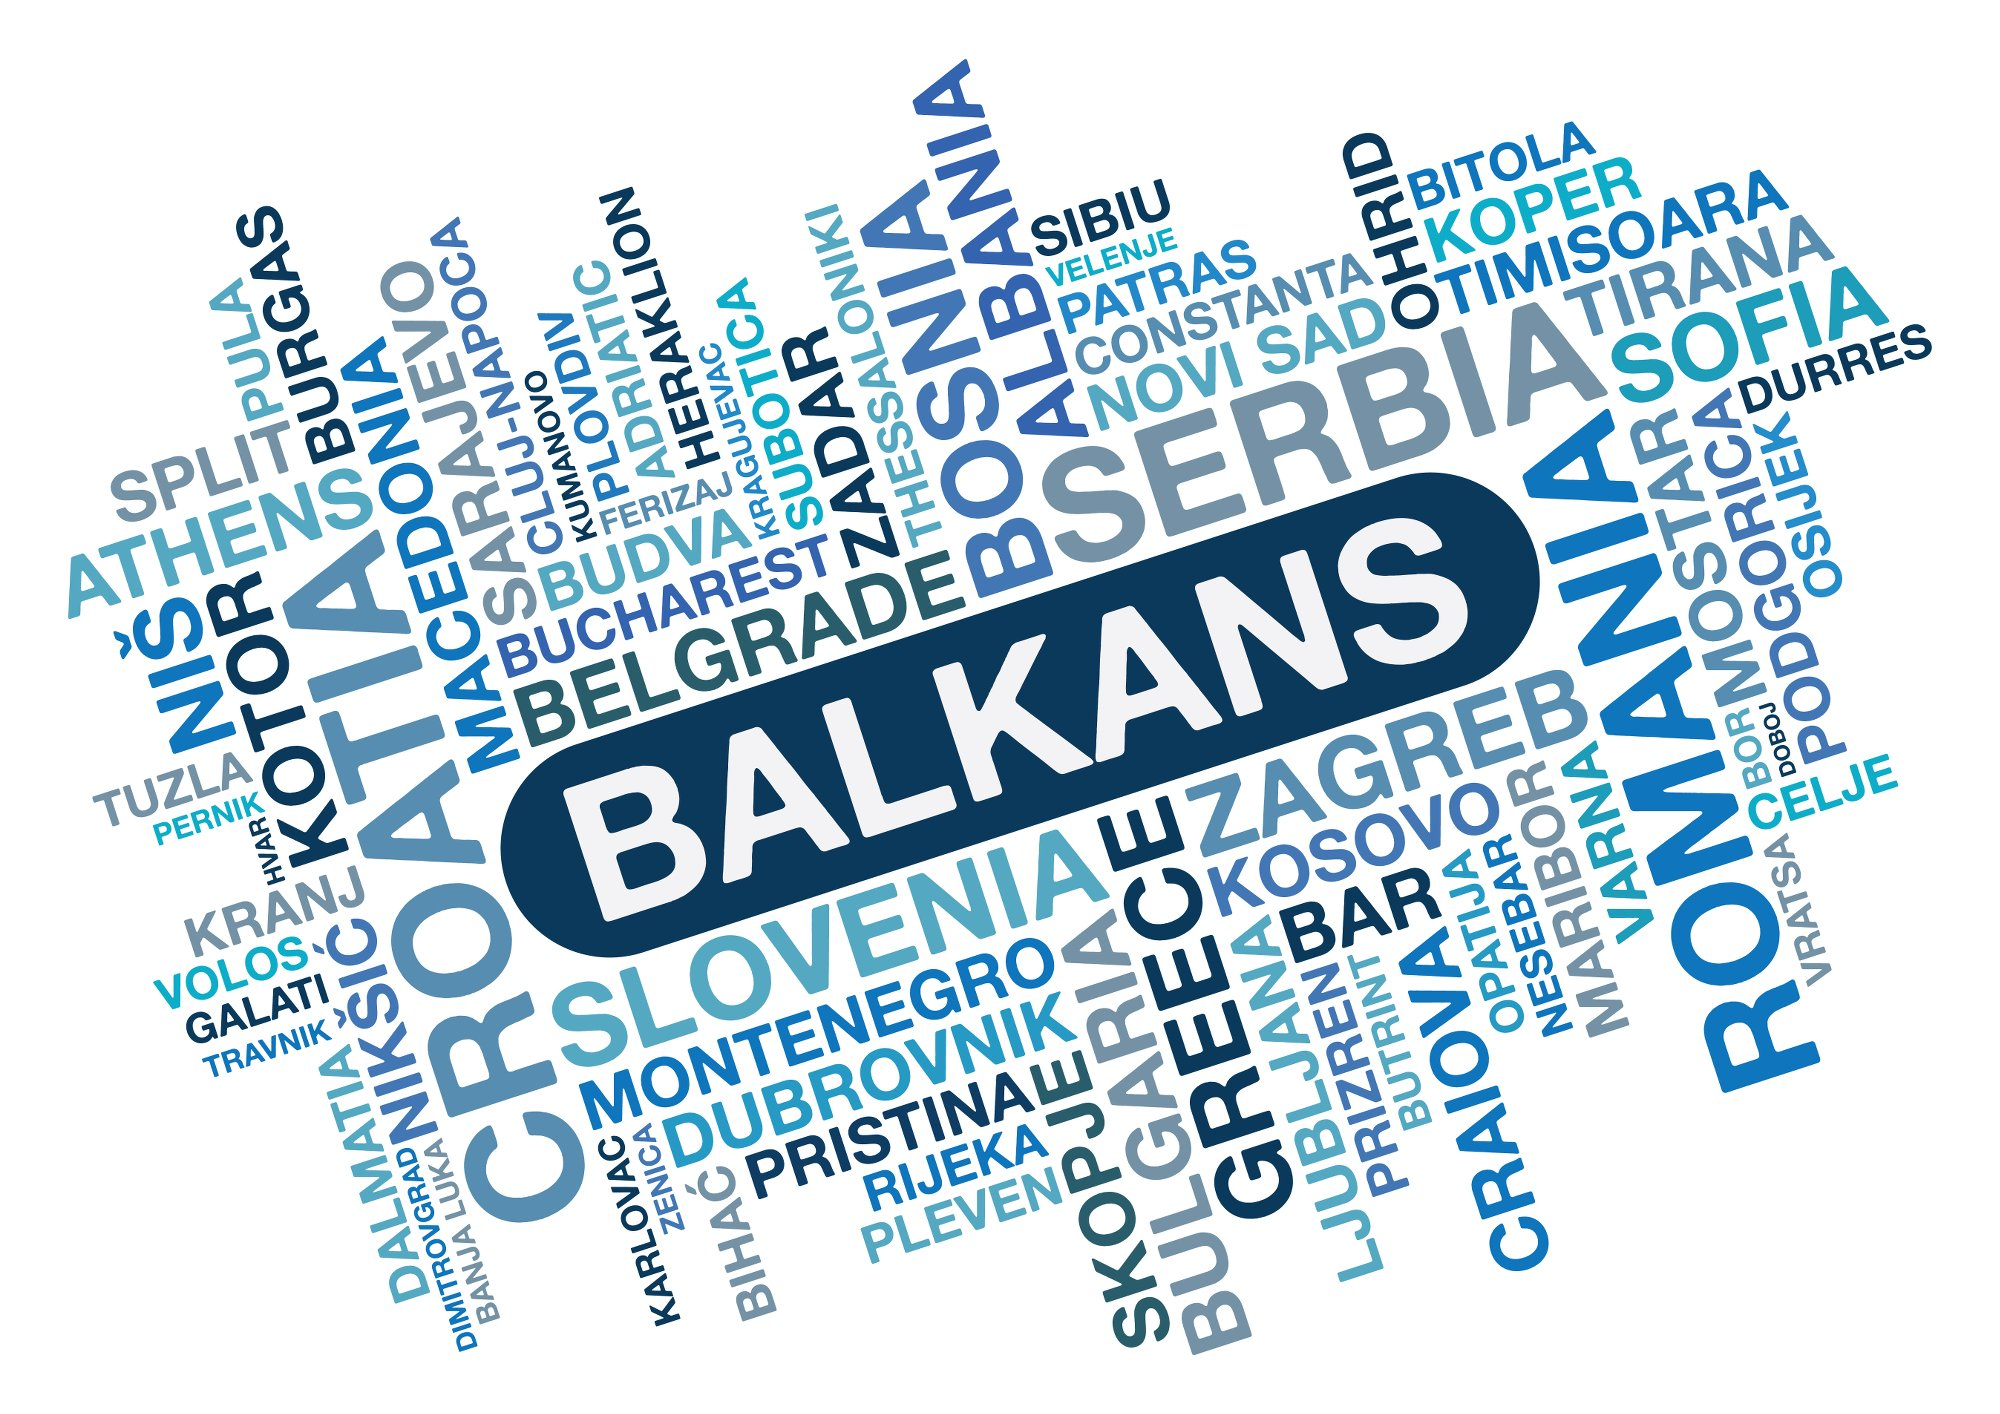 Balcani - deepstock/Shutterstock